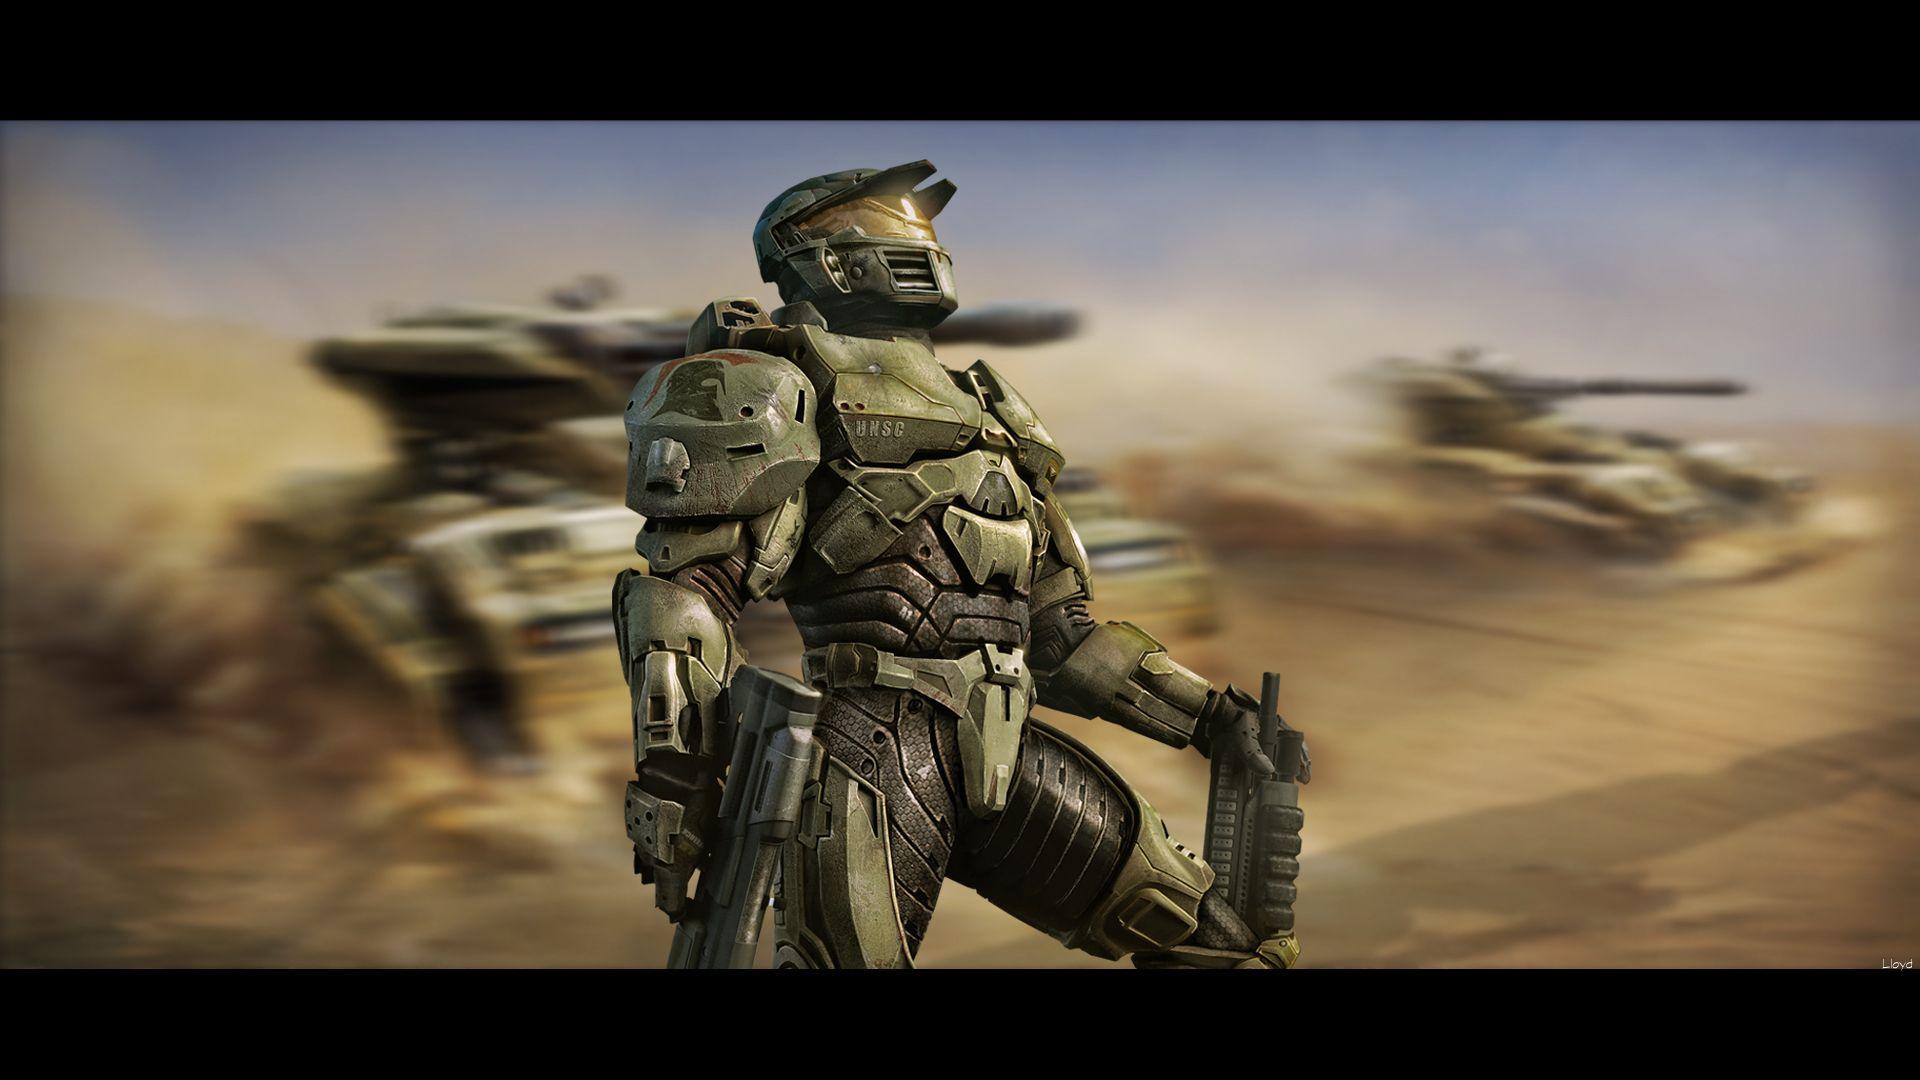 Spartan Artwork Halo Green Spartan Concept Art Hd Wallpaper Halo Reach Halo Concept Art